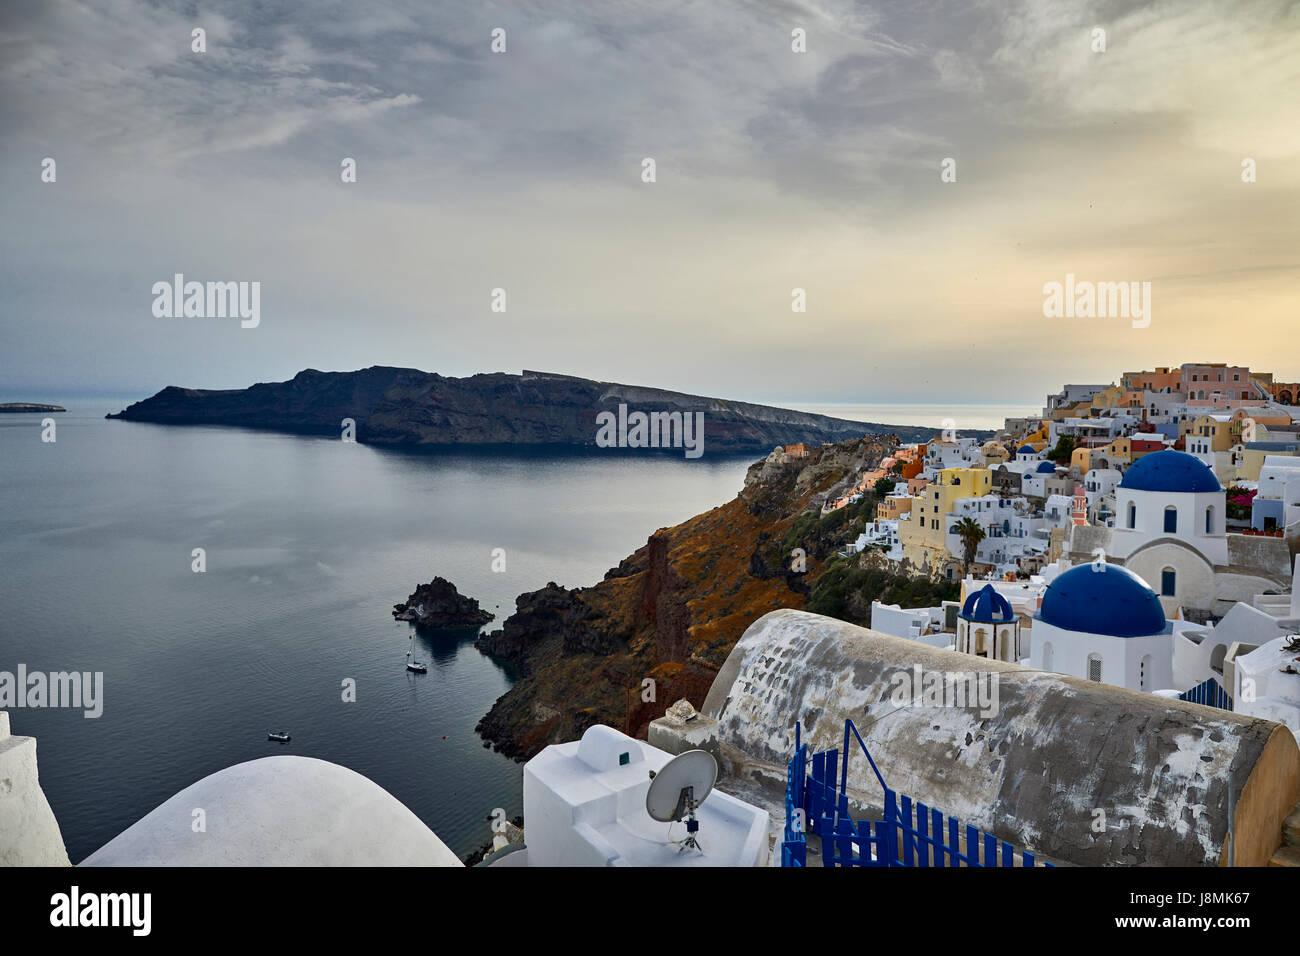 Vulkanische griechische Insel Santorin eine der Kykladen im Ägäischen Meer.  Oia-Bereich Stockfoto